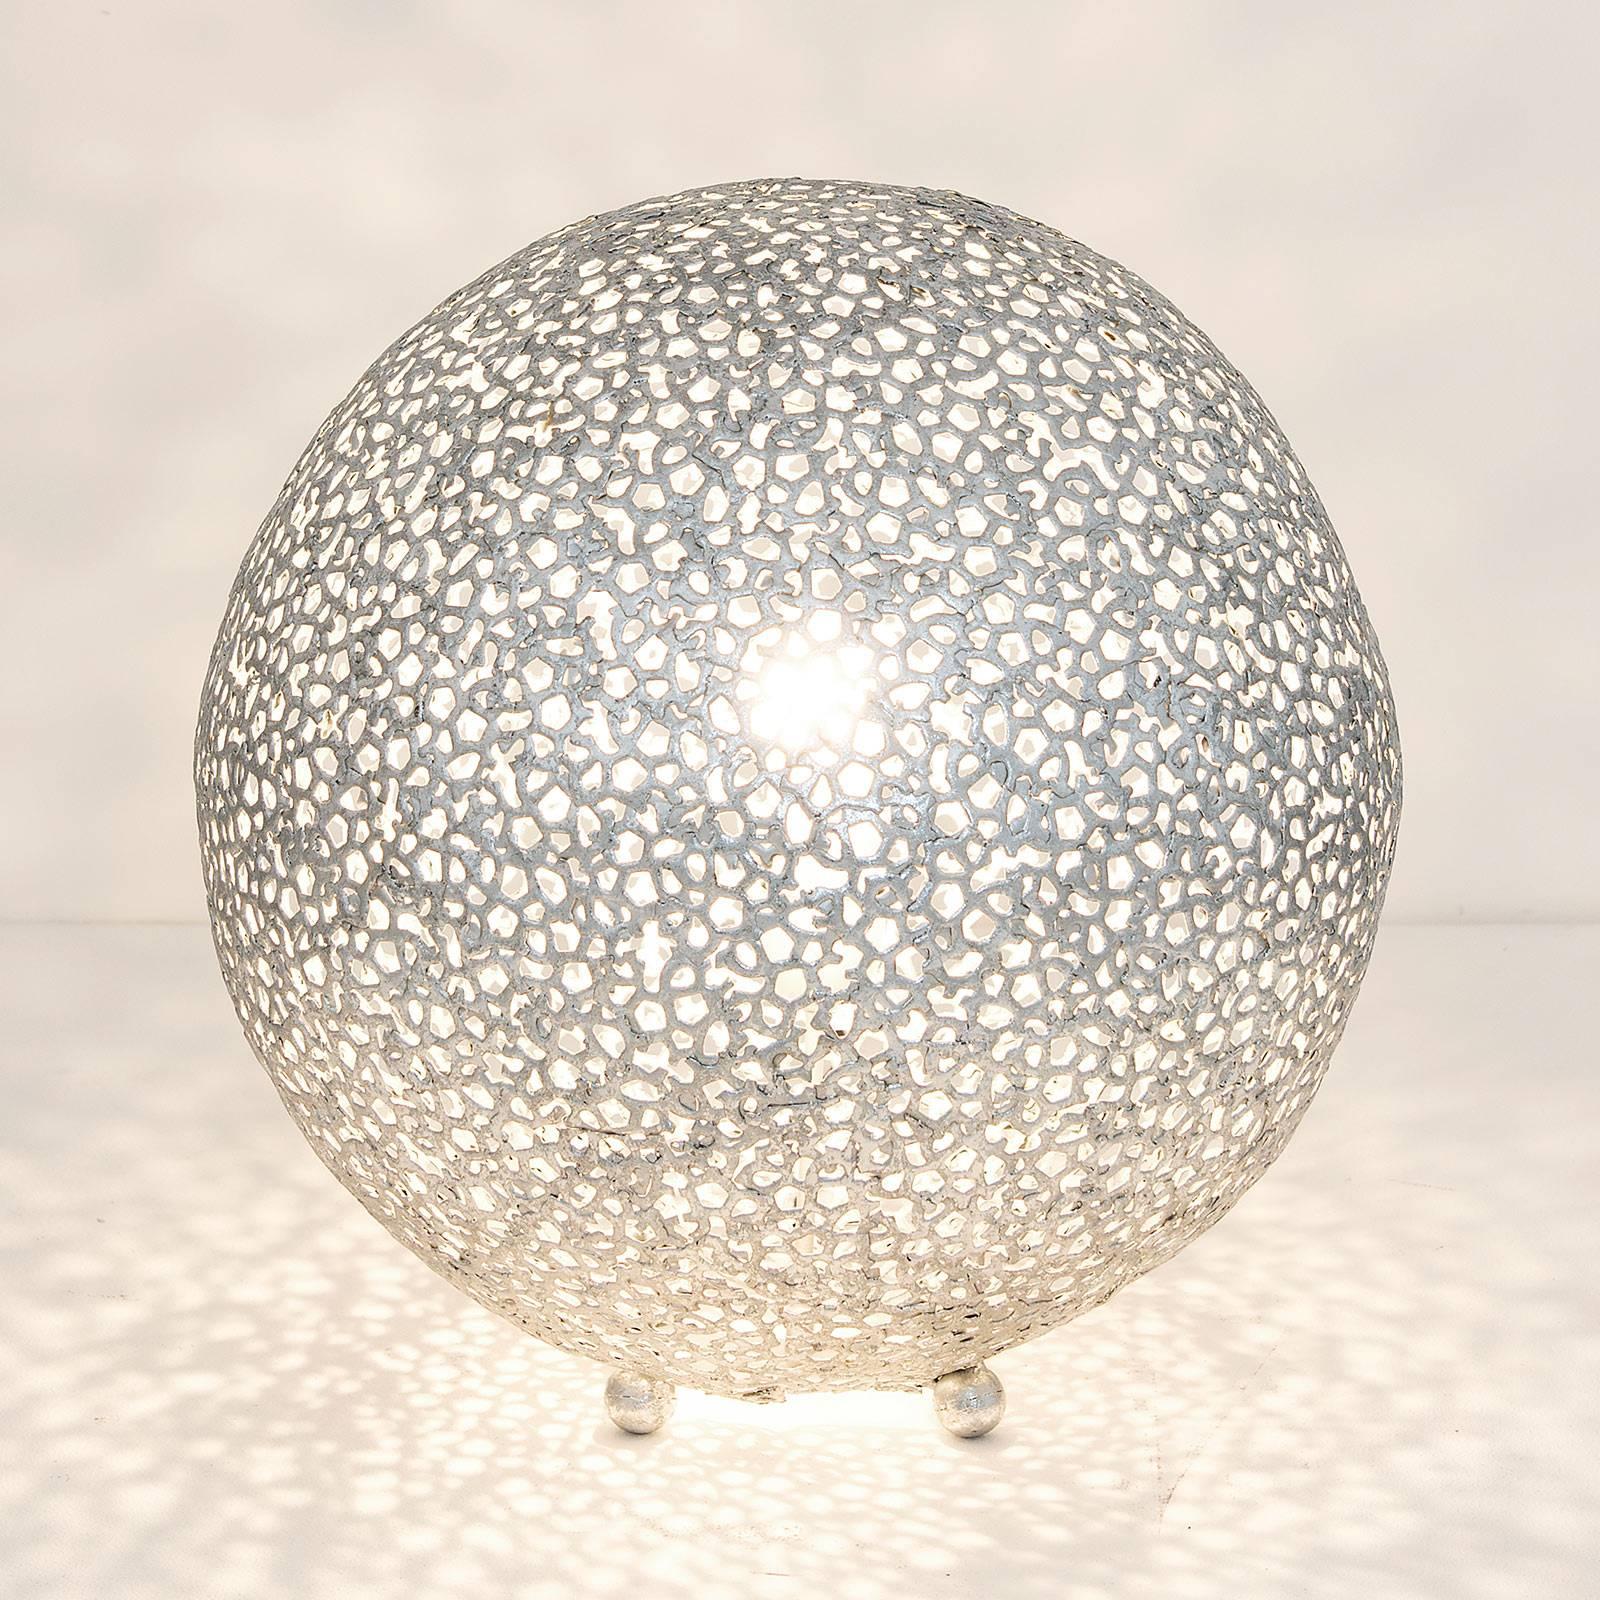 Tischleuchte Lily Grande, Ø 43 cm, silber